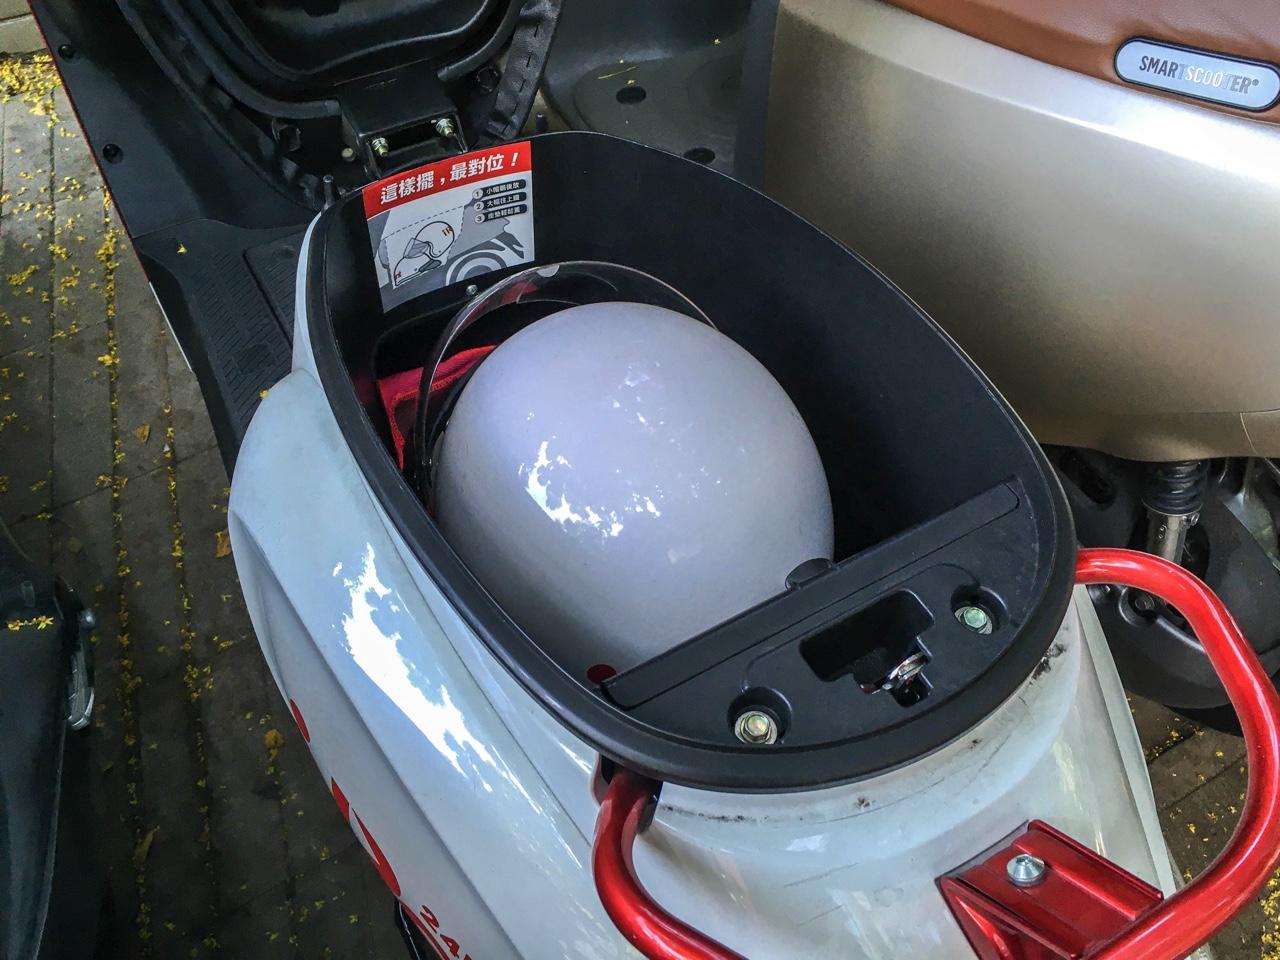 iRentバイクのメットインとヘルメット